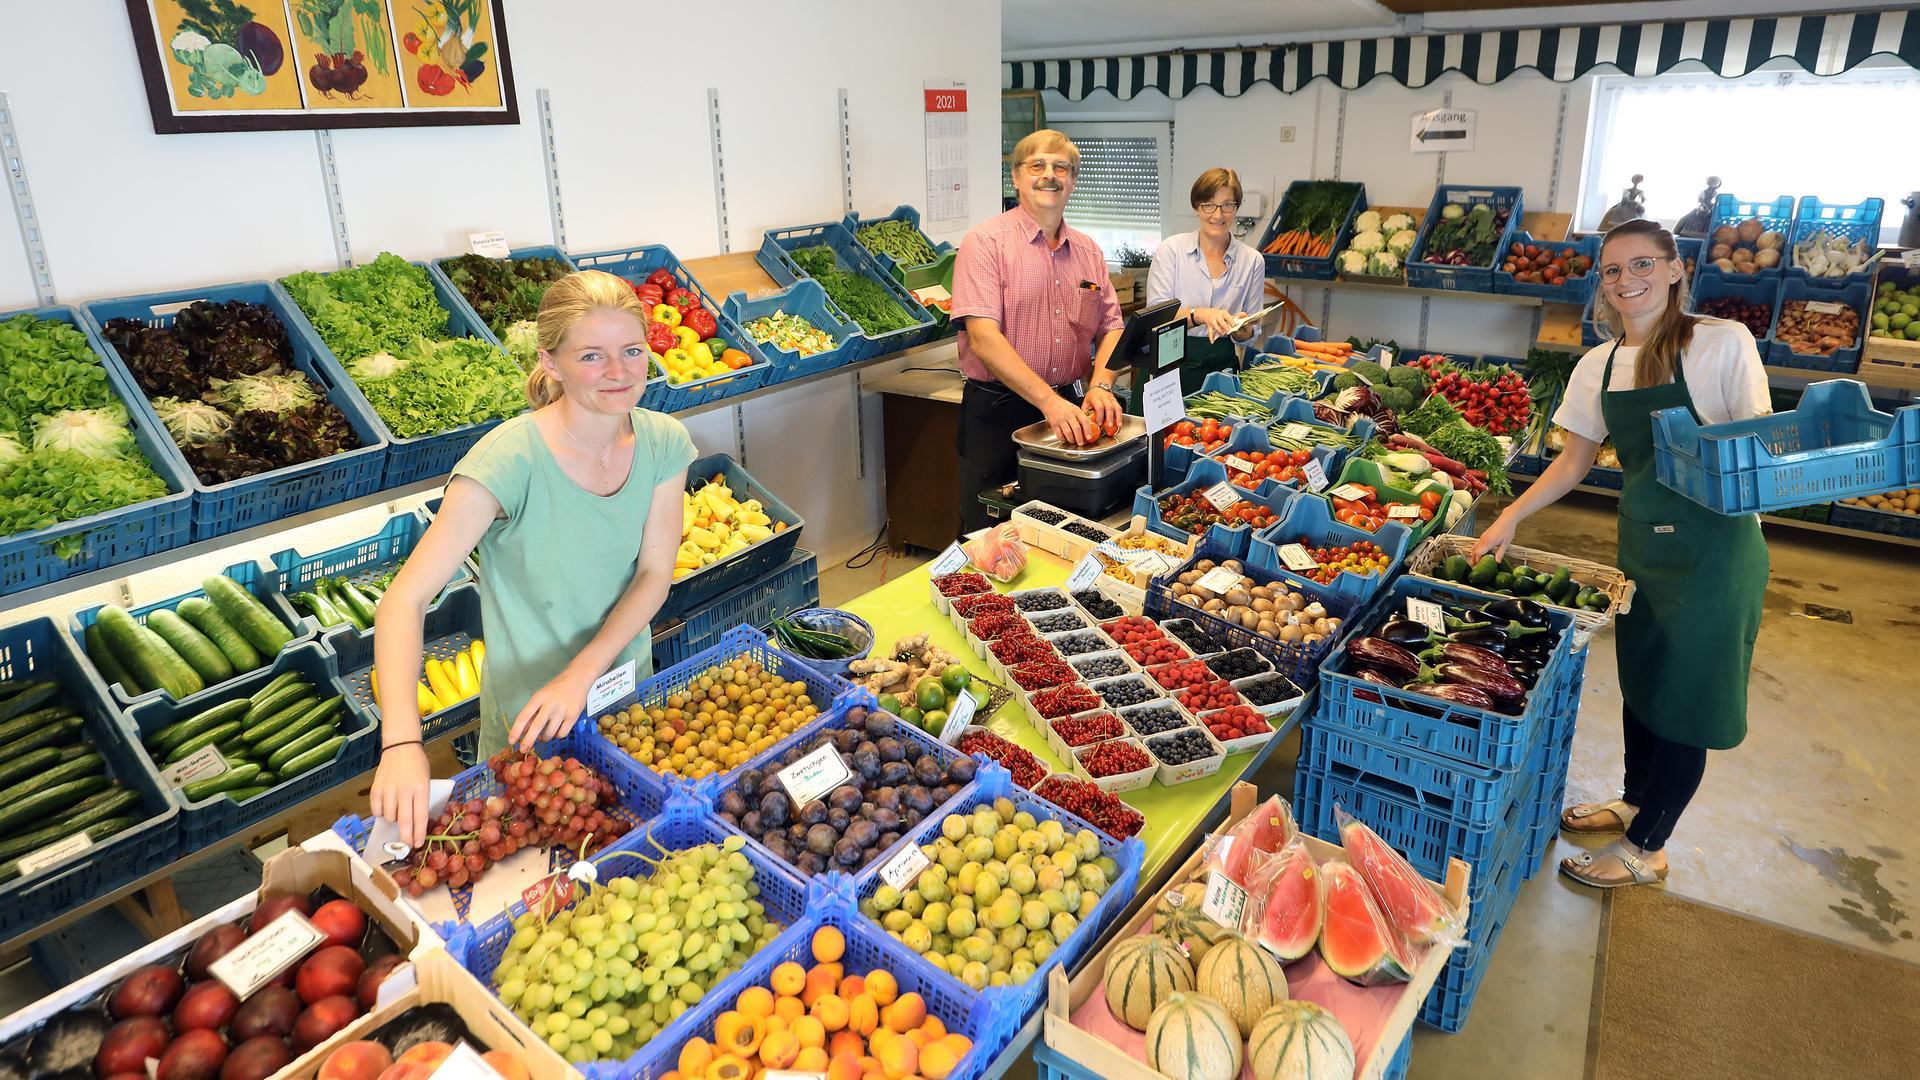 Der Hofladen Postweiler in Wolfartsweier ist ein Familienbetrieb. Obst und Gemüse, viel davon aus eigenem Anbau, verkaufen (von links) Stefanie, Helmut und Hanna Postweiler sowie Julia Stährk, geborene Postweiler.